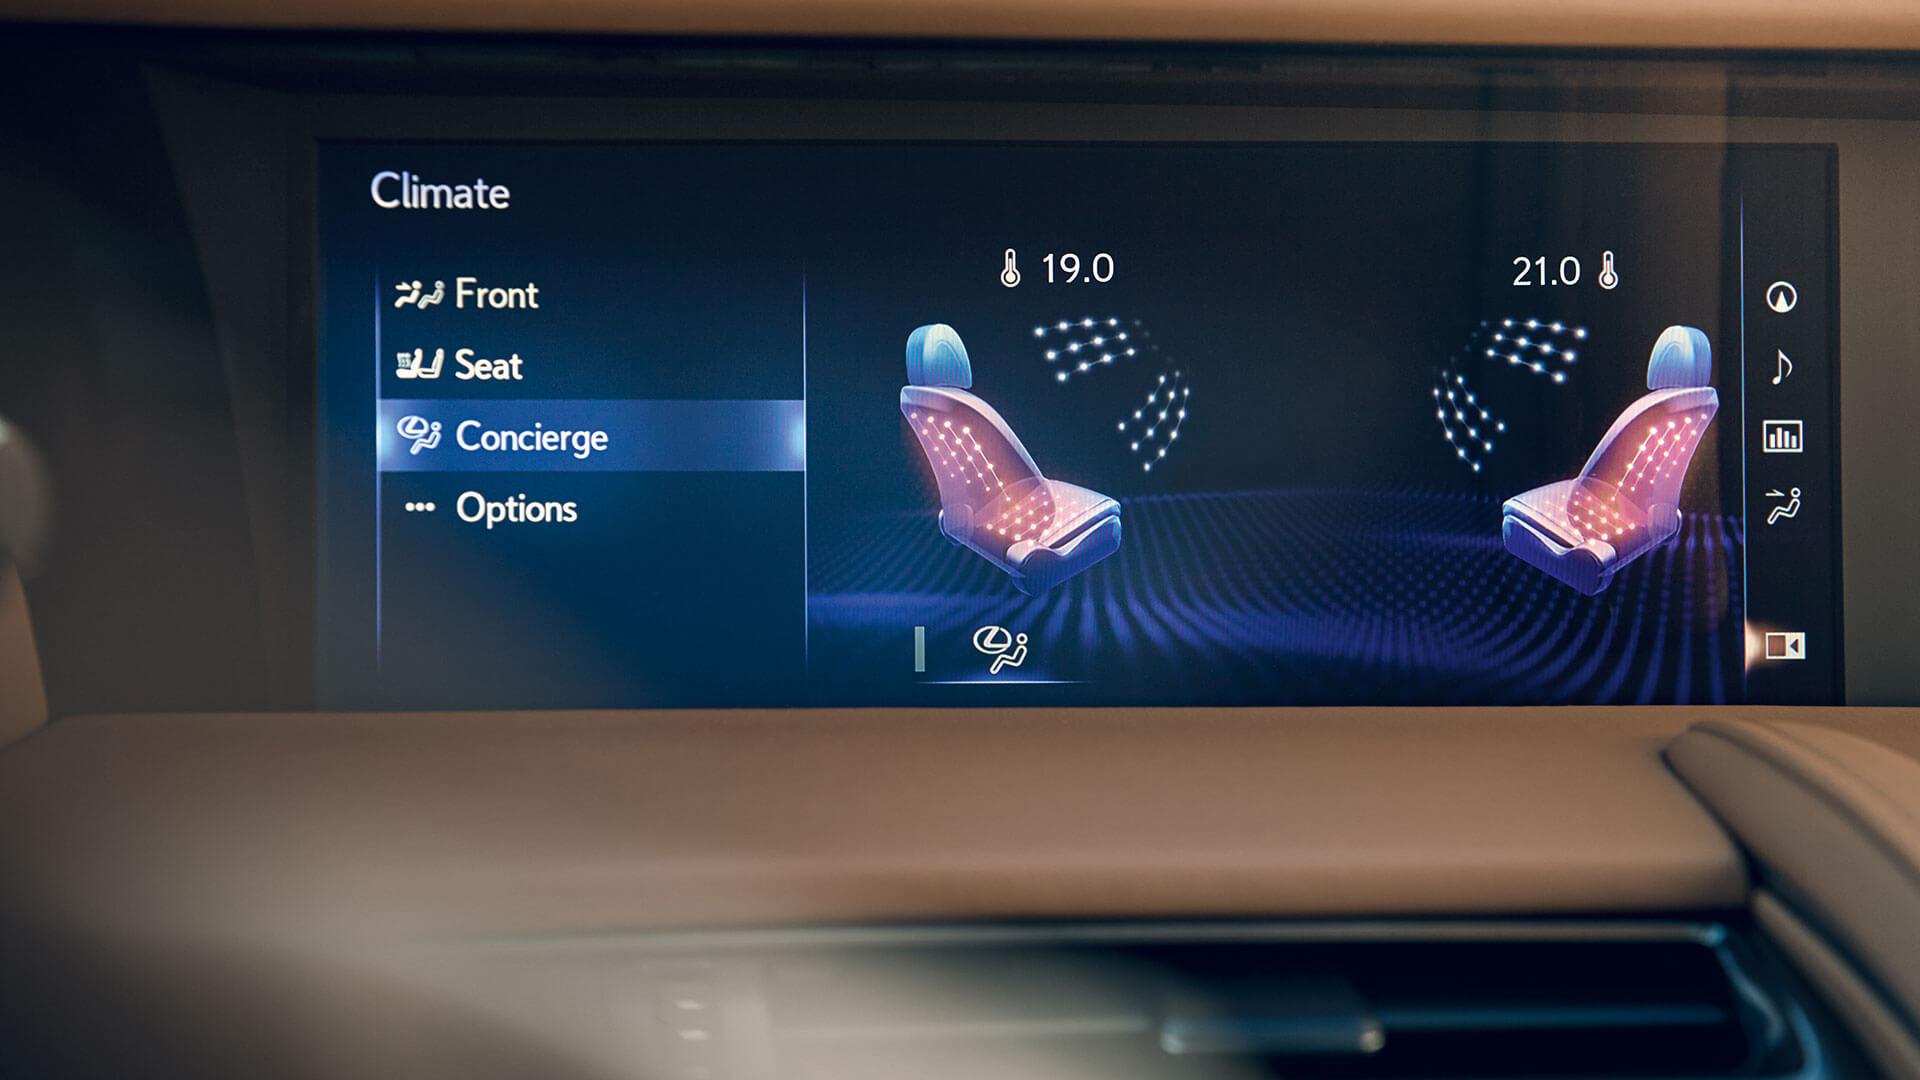 2017 lexus lc 500h features climate concierge